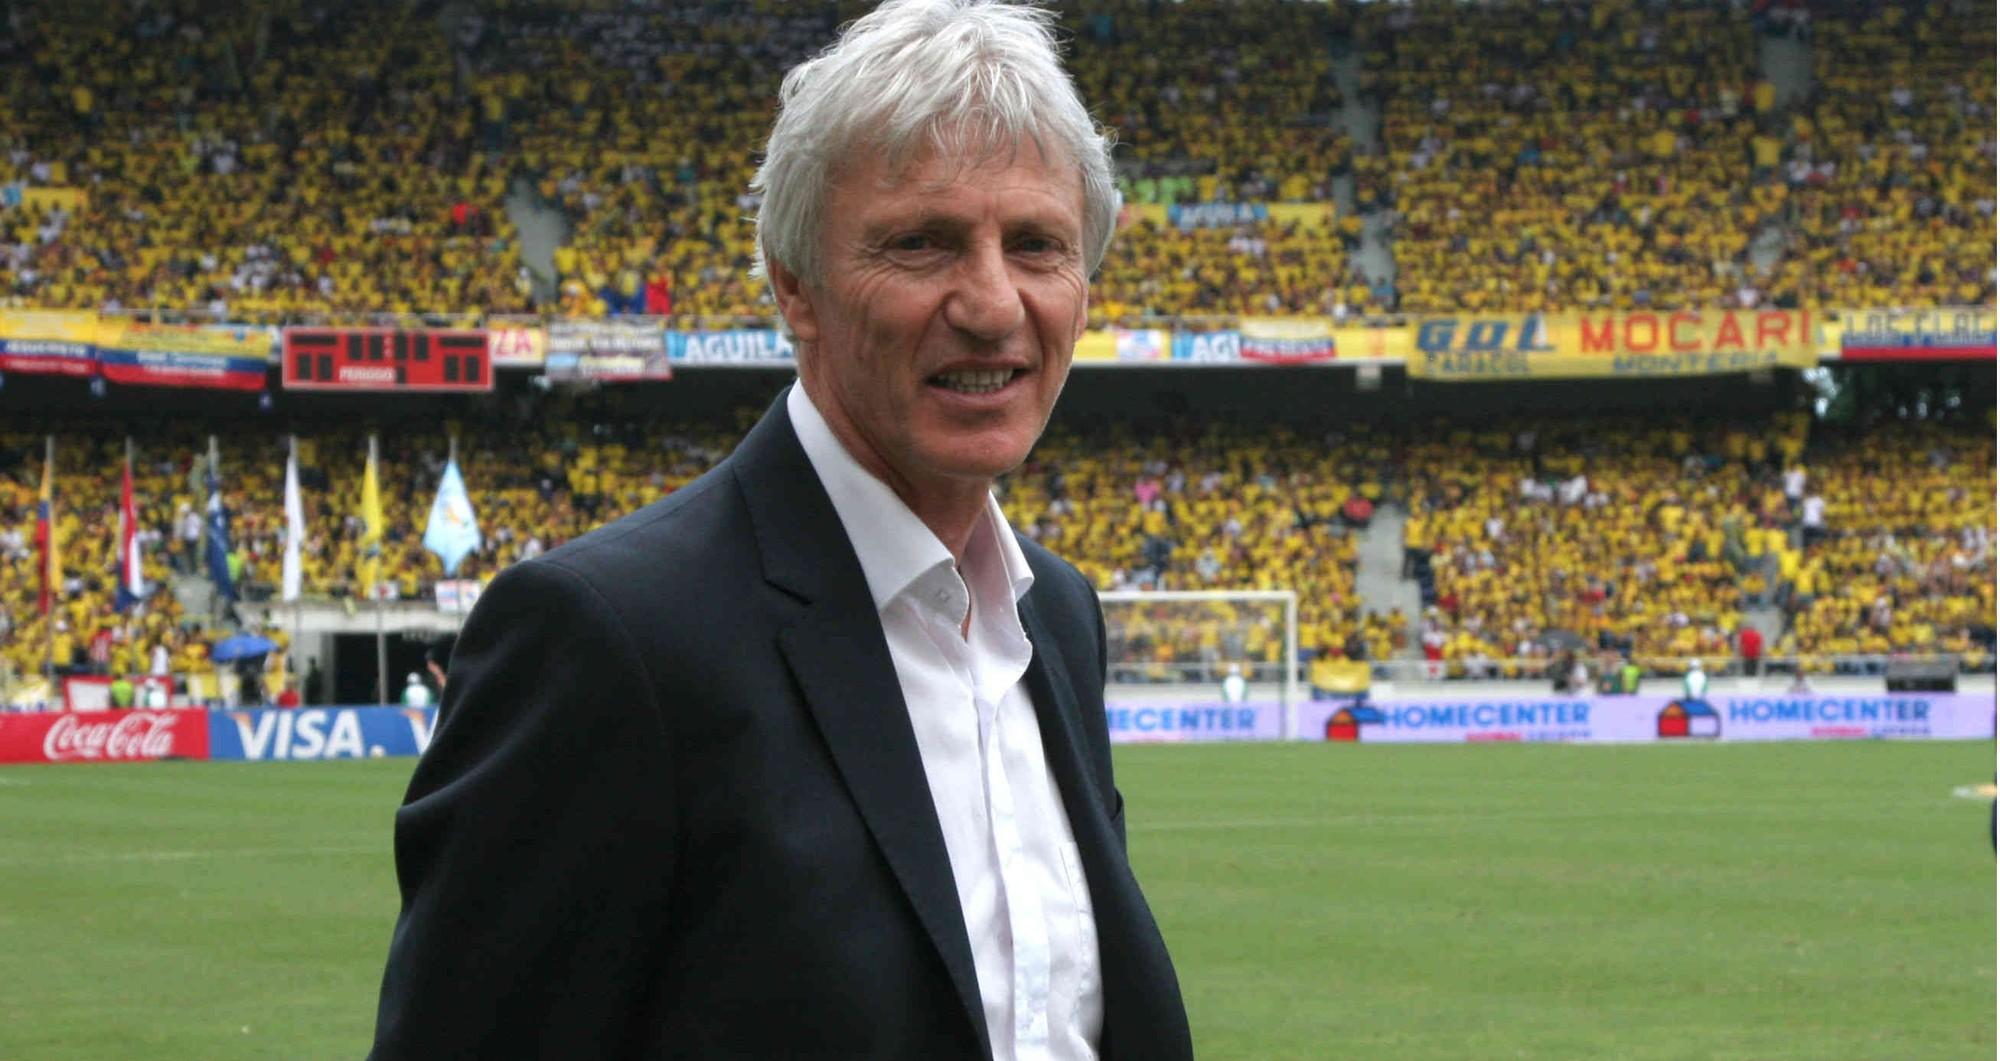 Pekerman sẽ trở lại ĐT Argentina và thuyết phục Messi tái xuất? - Ảnh 3.